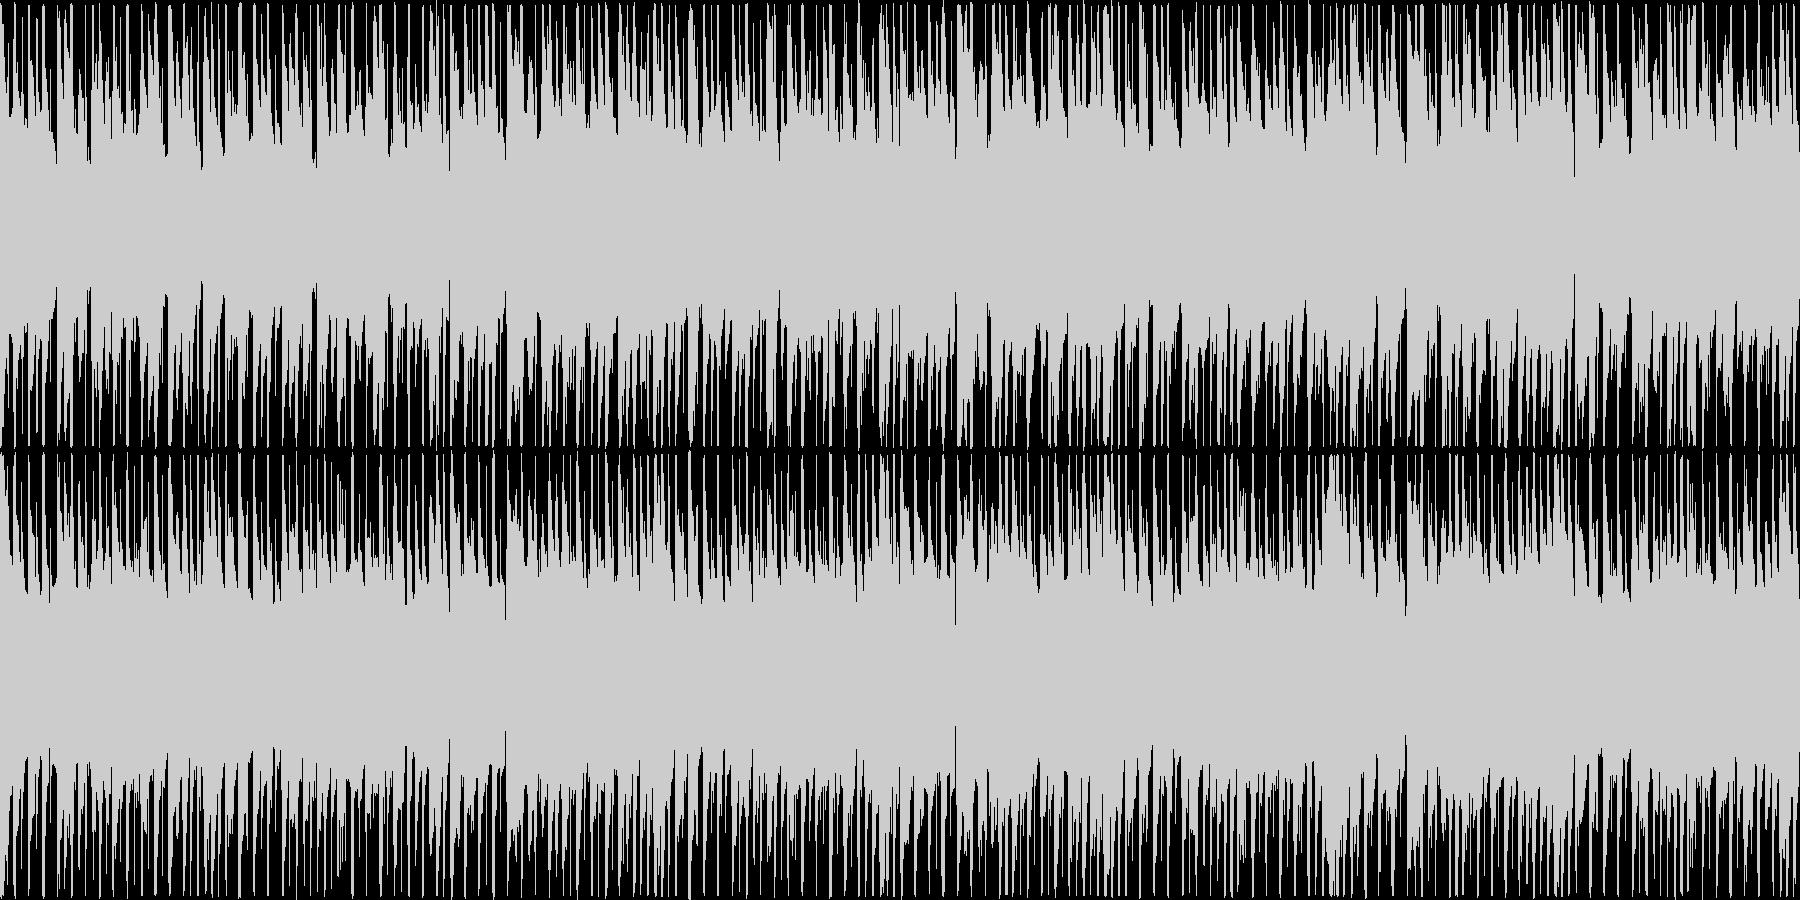 楽しくコミカルなBGMの未再生の波形